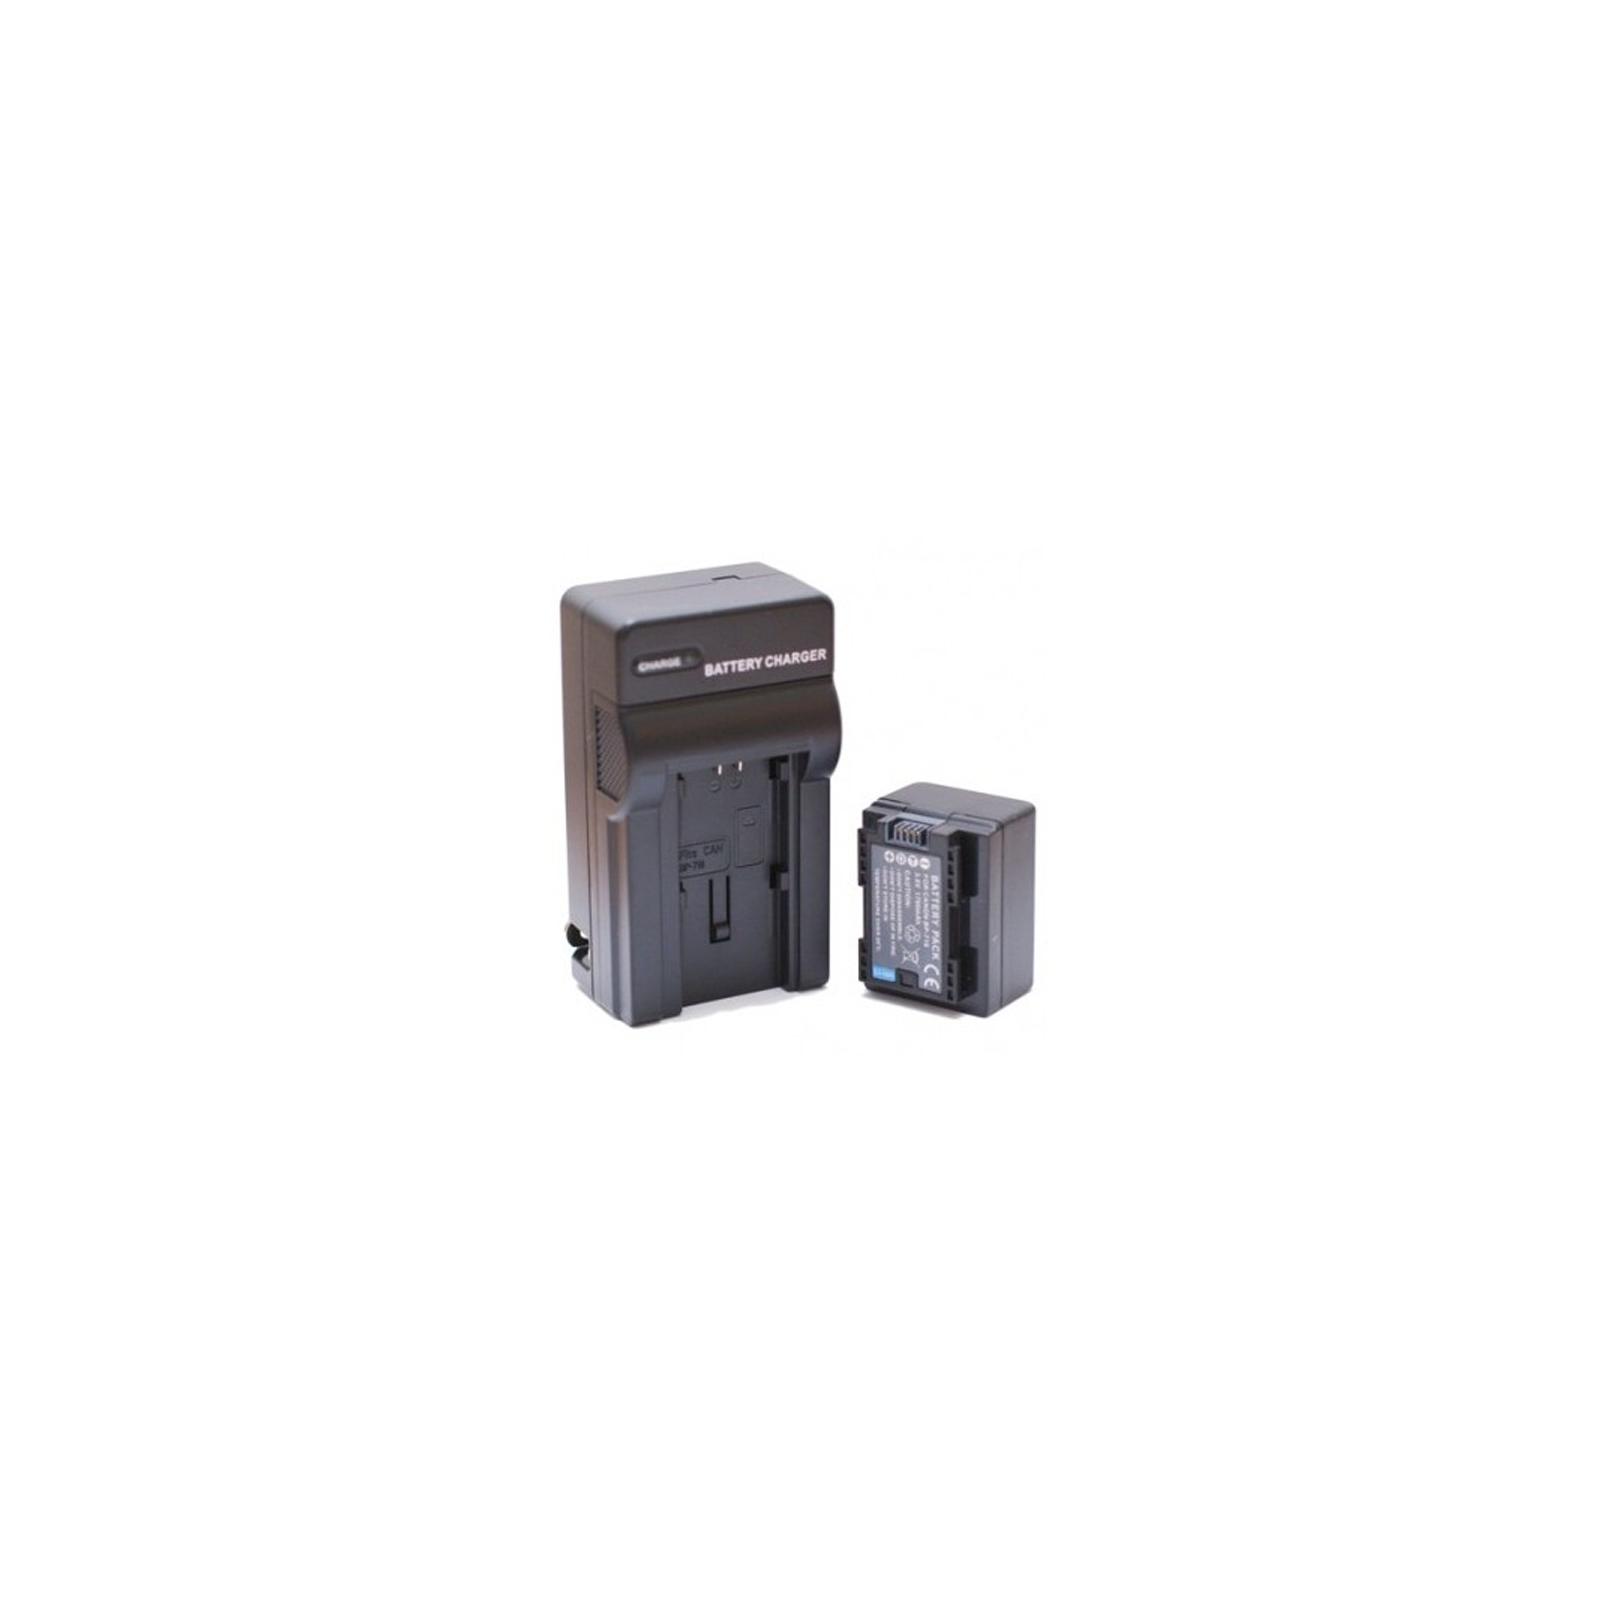 Аккумулятор к фото/видео EXTRADIGITAL Canon BP-718 + зарядное устройство (DV00DV1375) изображение 2